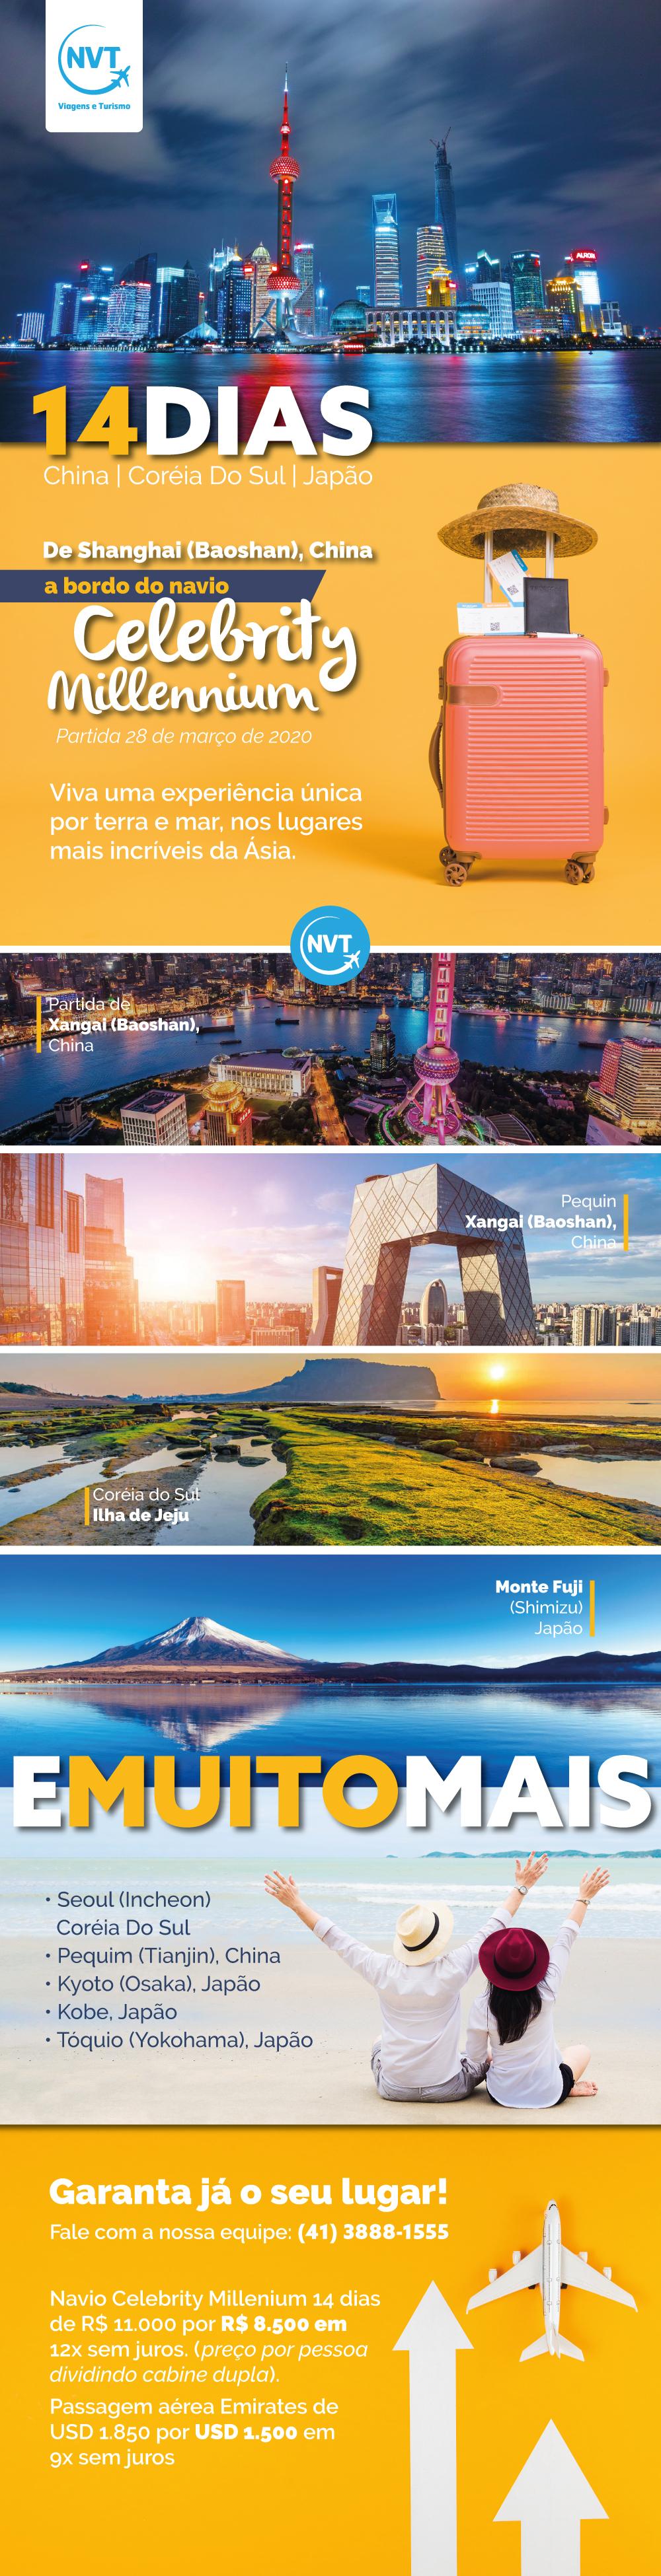 14 dias - China, Coréia do Sul e Japão